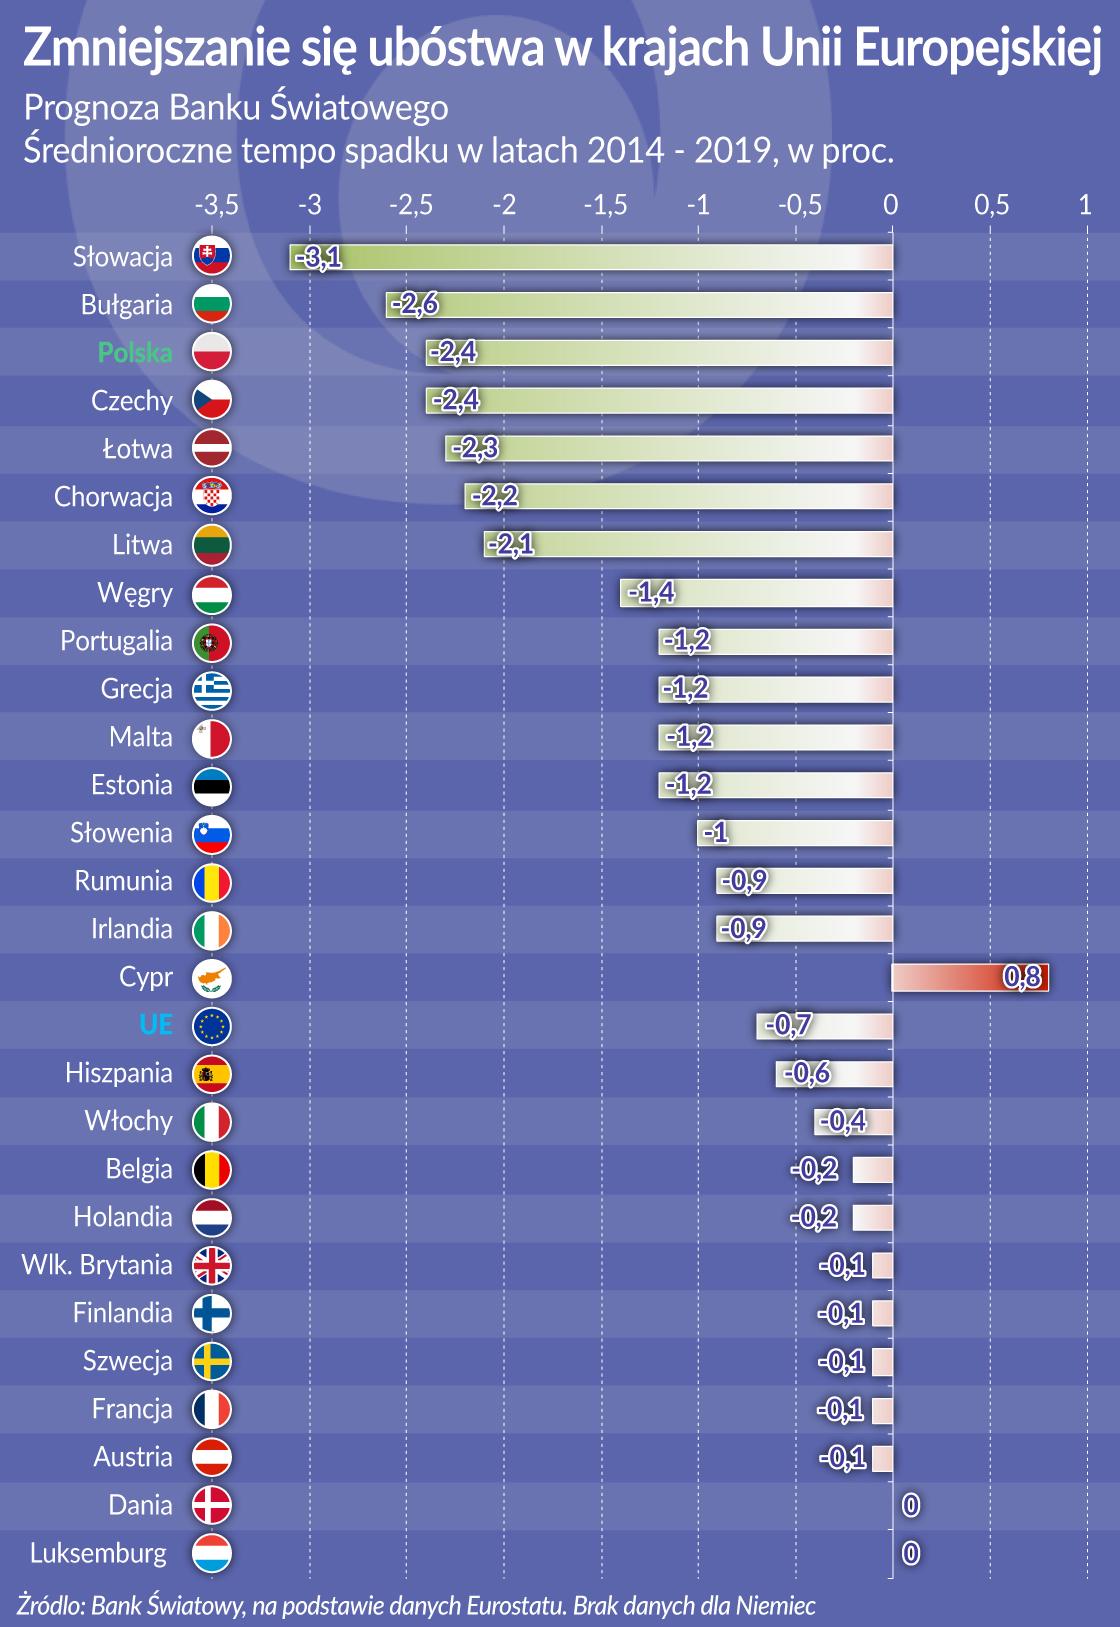 Gospodarka rośnie, ubóstwo topnieje szybciej